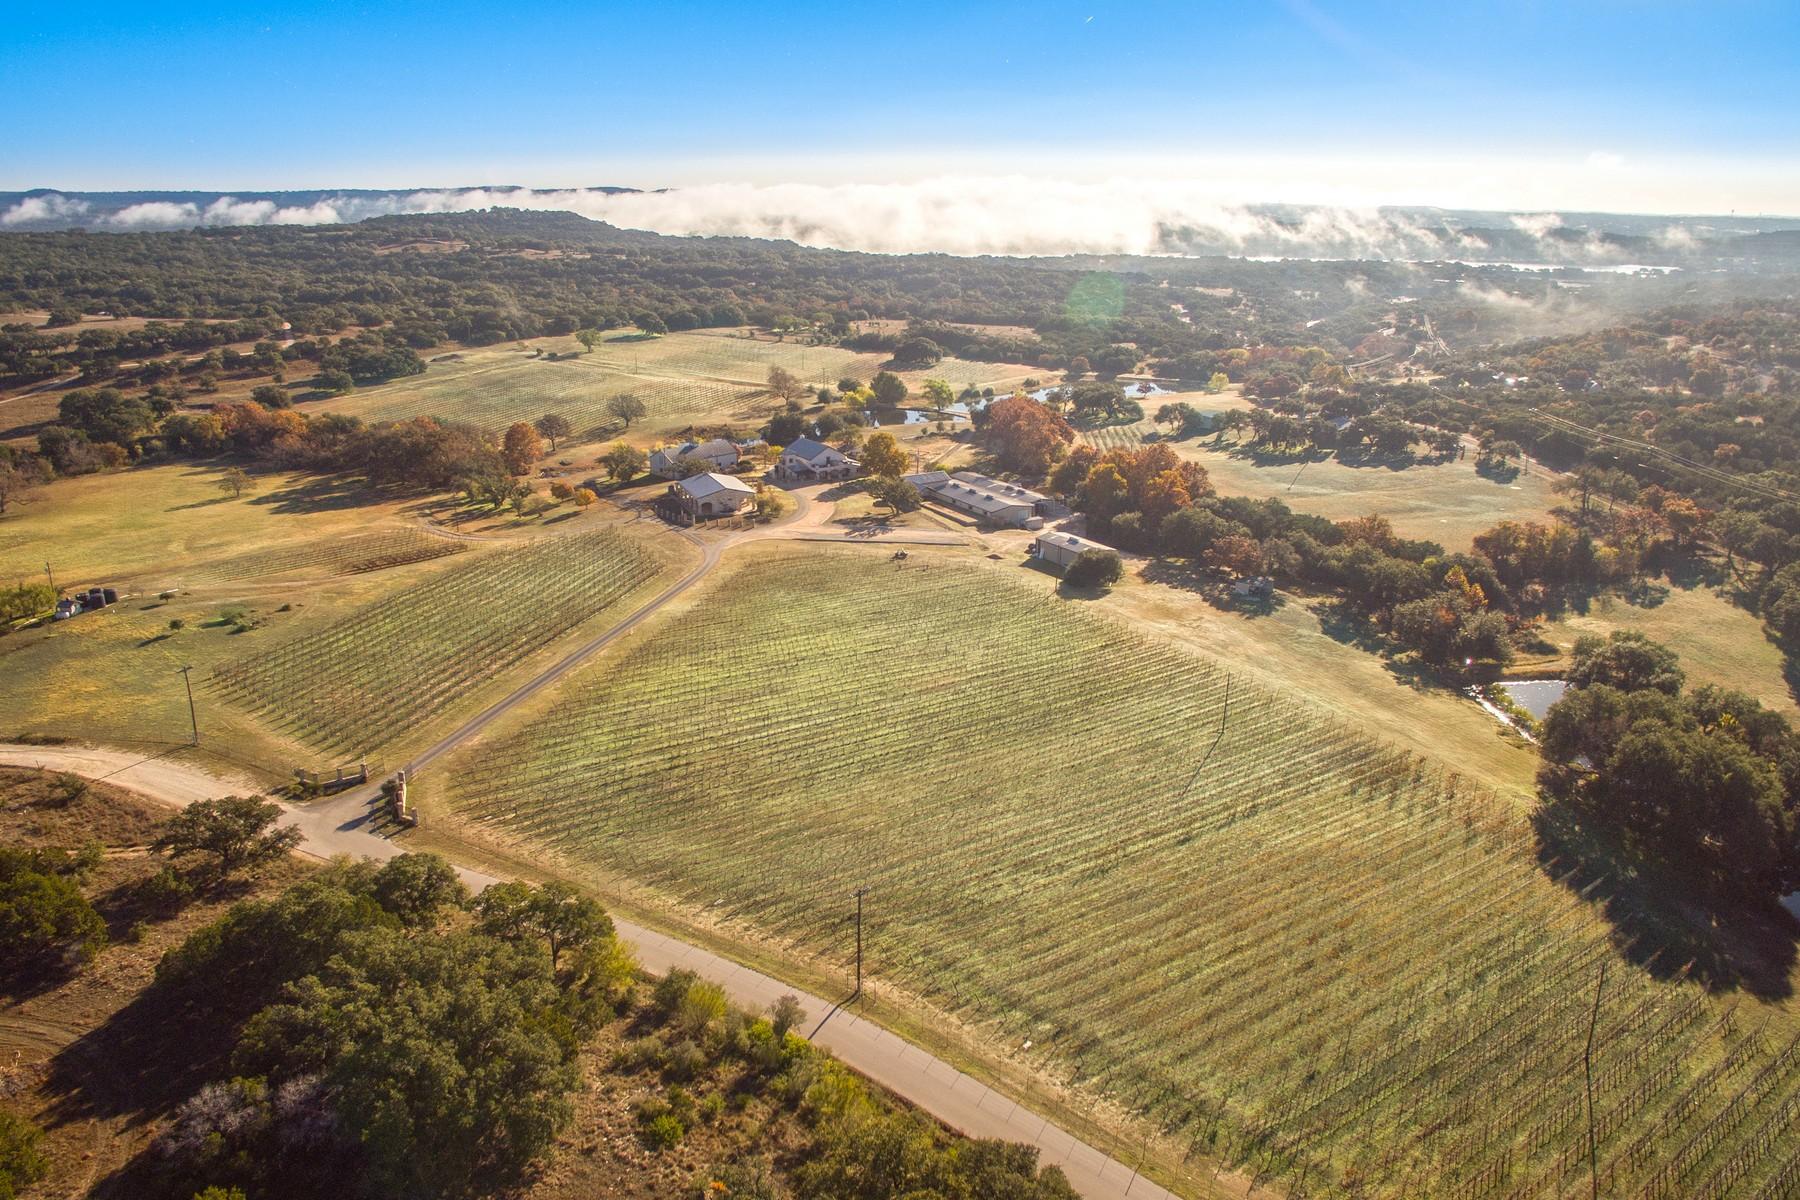 葡萄酒酿造园 为 销售 在 The Crown Jewel of Texas Wineries 24912 Singleton Bend East Rd 马布尔瀑布, 得克萨斯州, 78654 美国